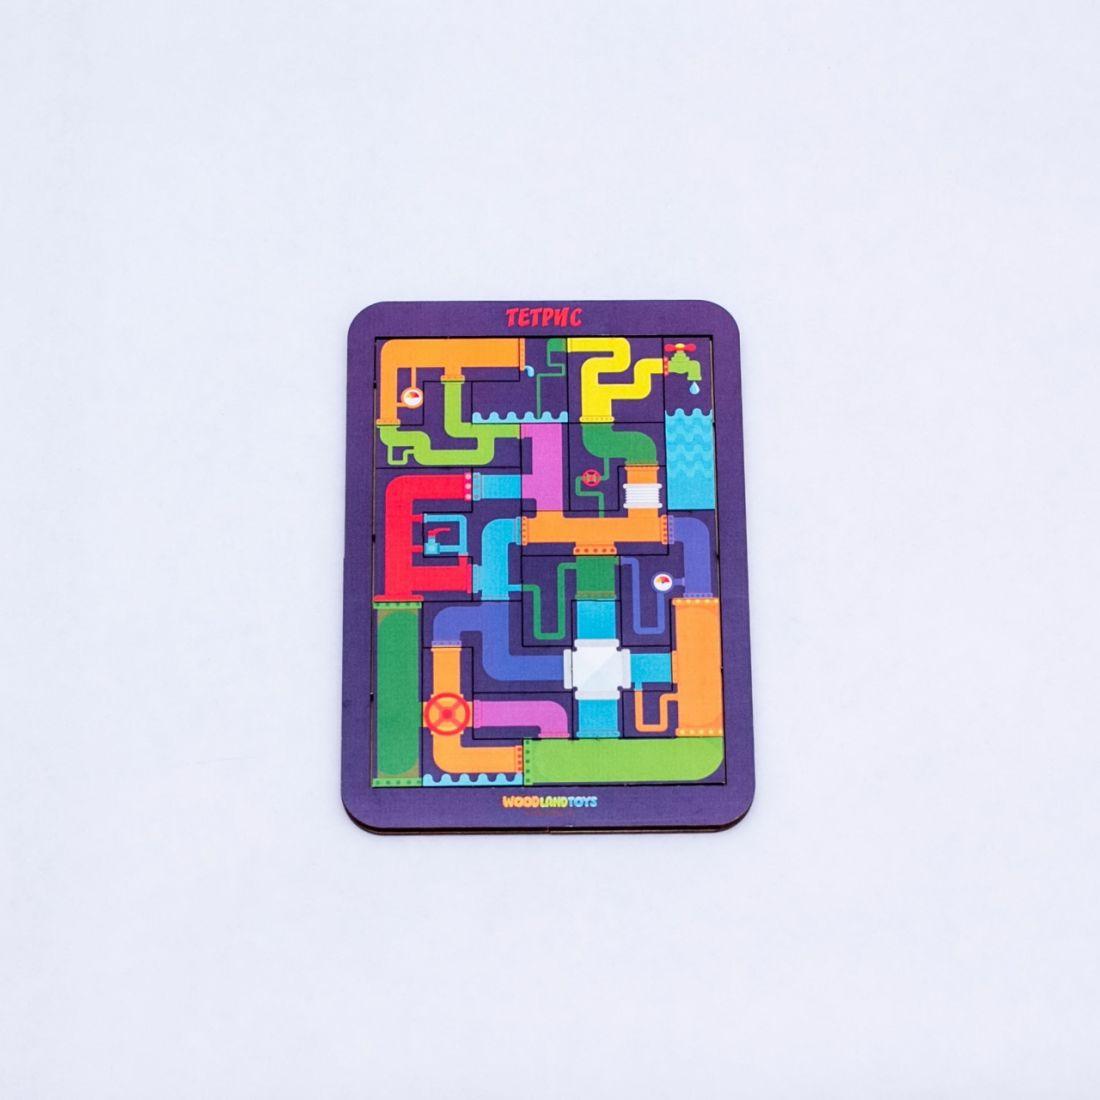 Логическая игра WOODLANDTOYS 65203 Тетрис малый Водопровод